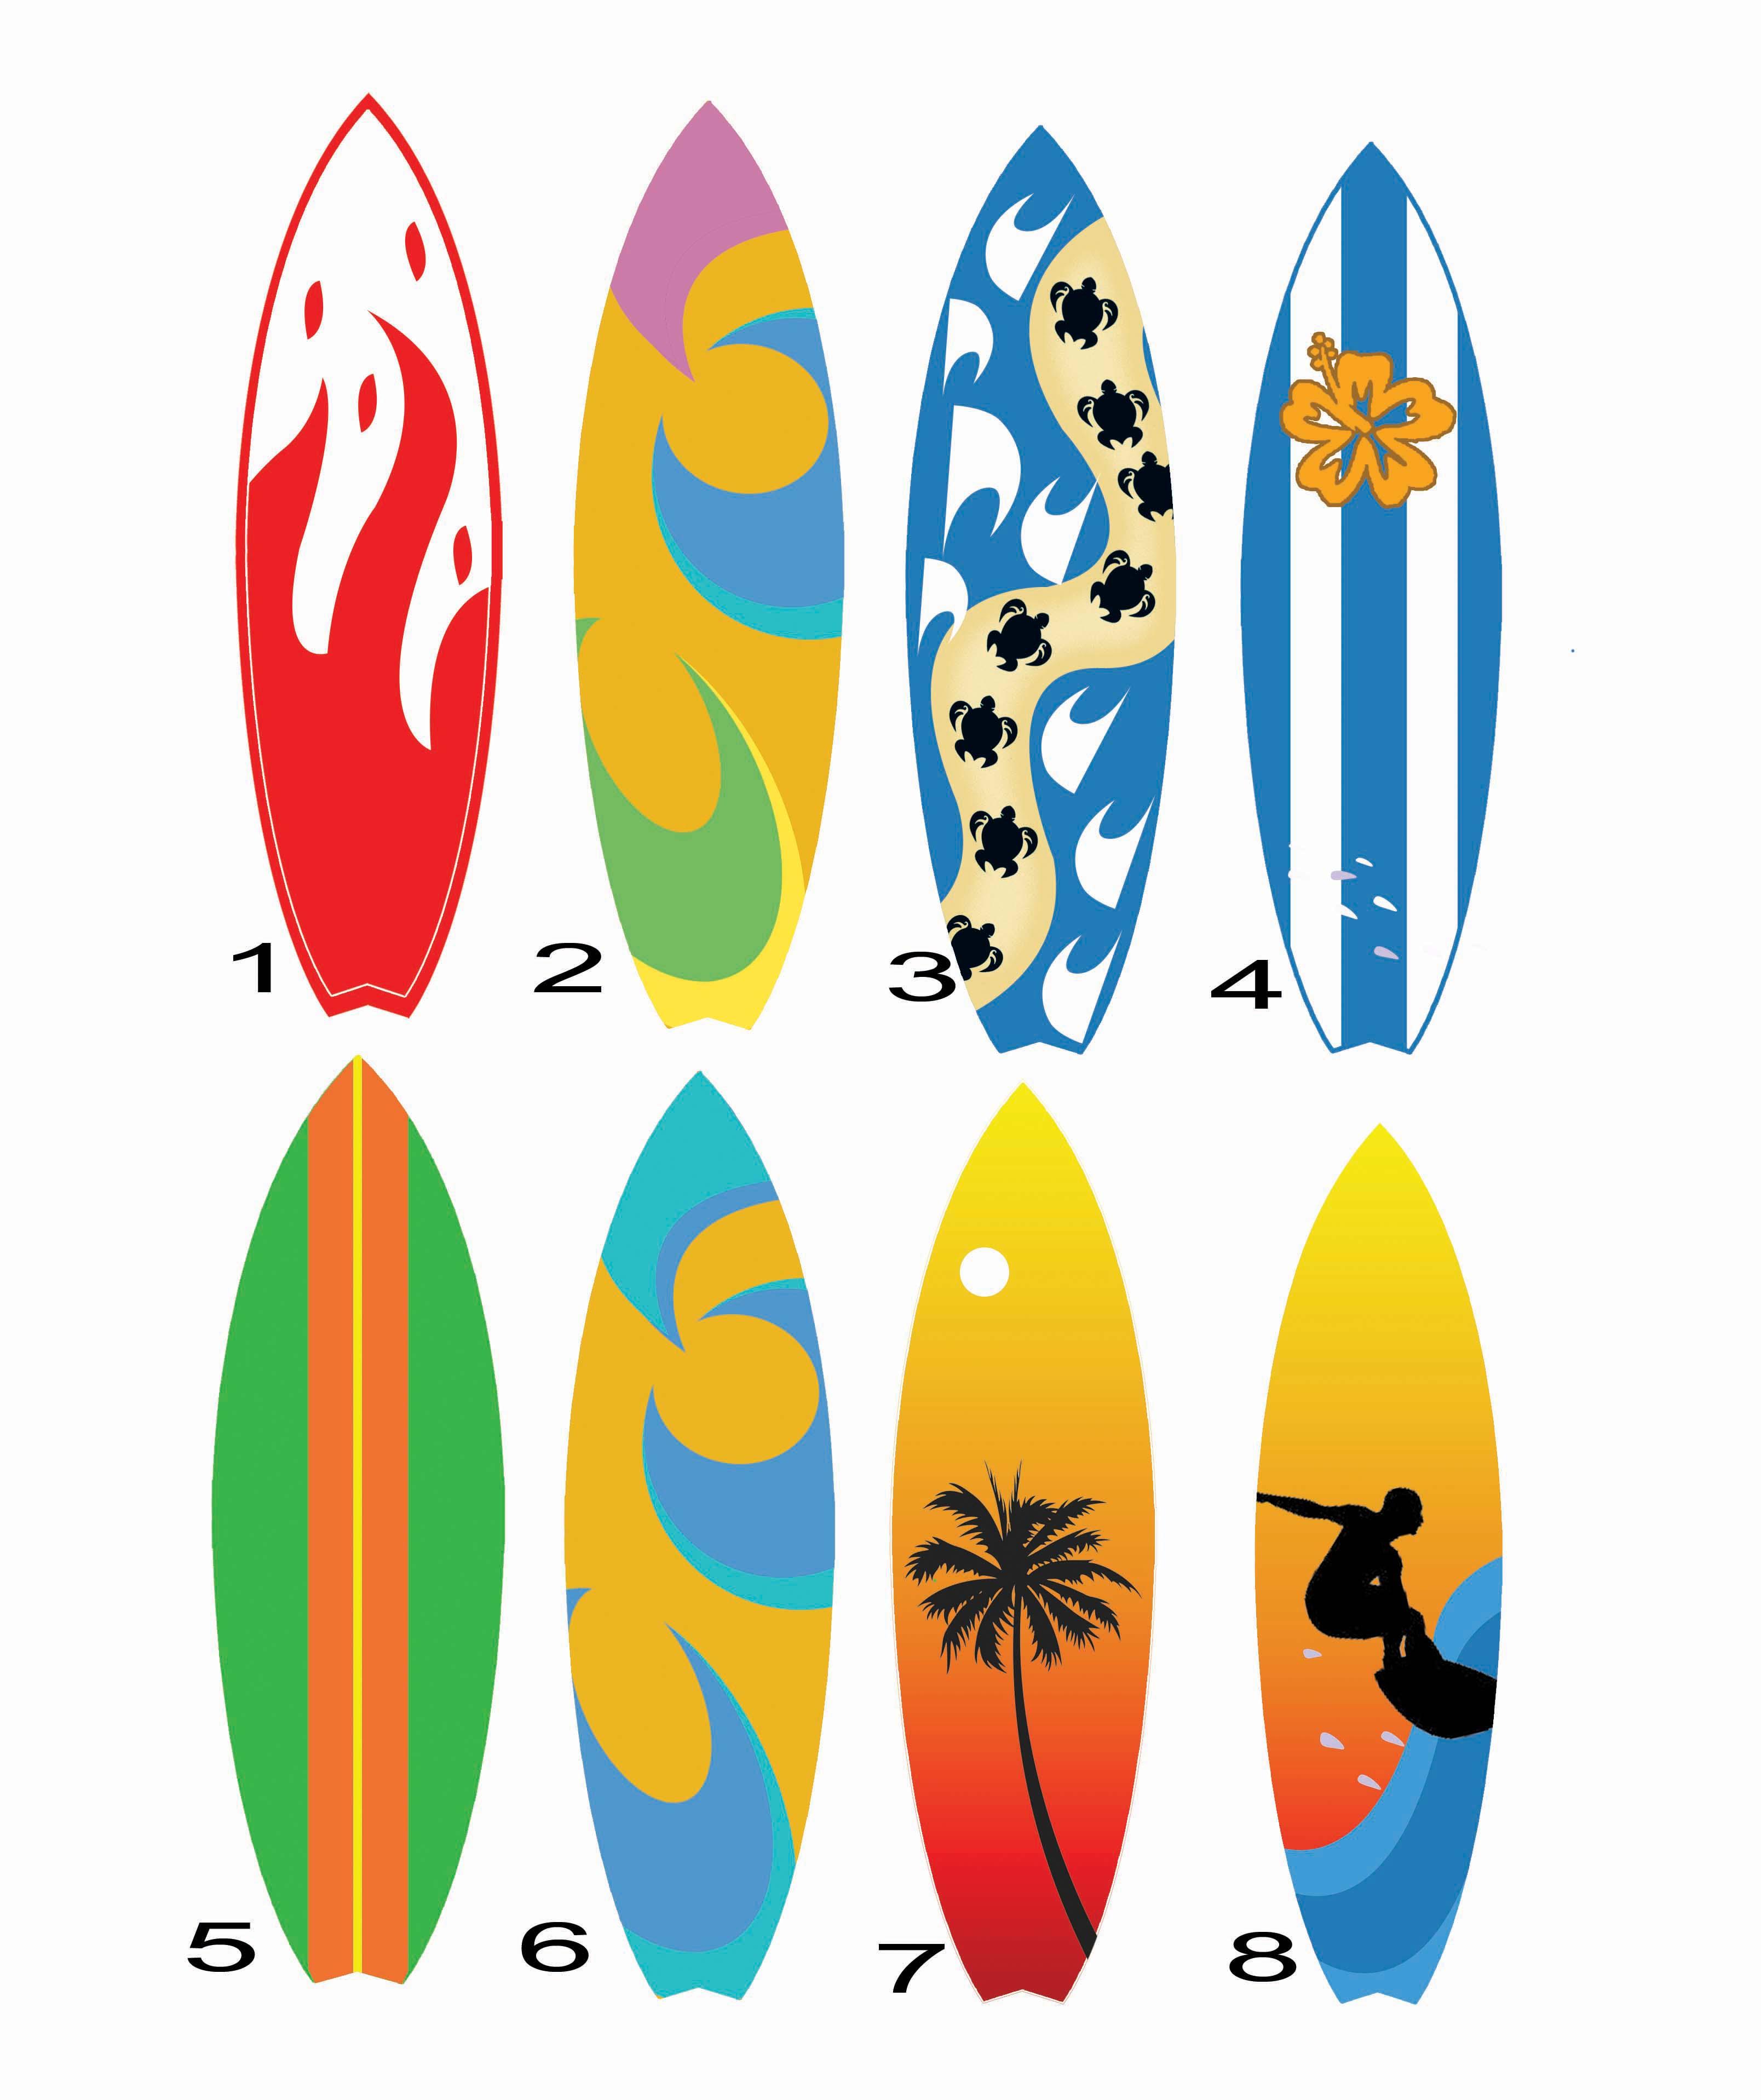 Adesivos prancha de surf efeito wood elo7 - Dibujos para tablas de surf ...